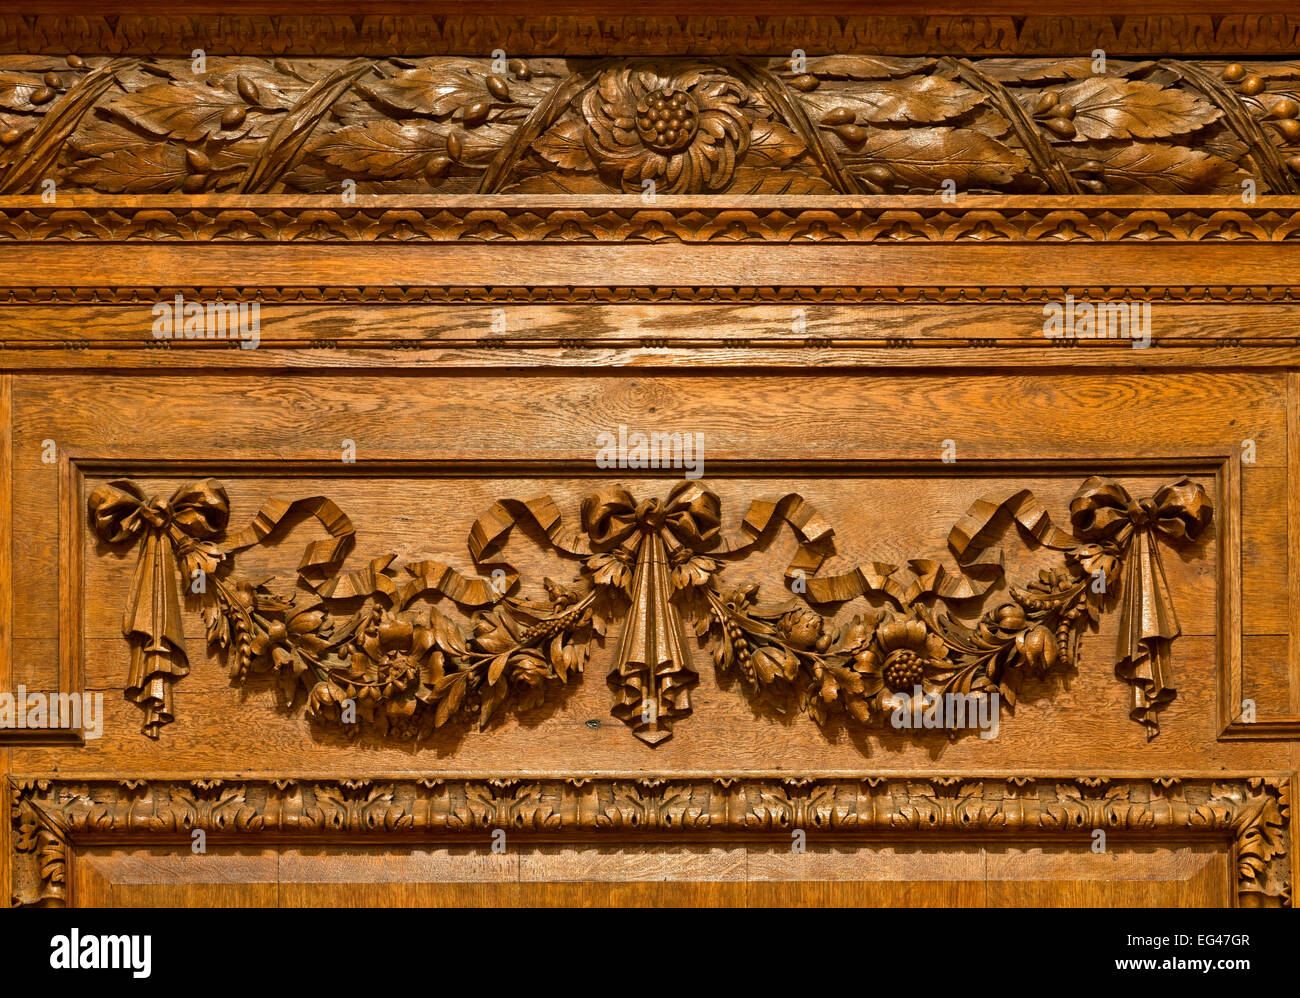 craftsmanship photos craftsmanship images alamy. Black Bedroom Furniture Sets. Home Design Ideas